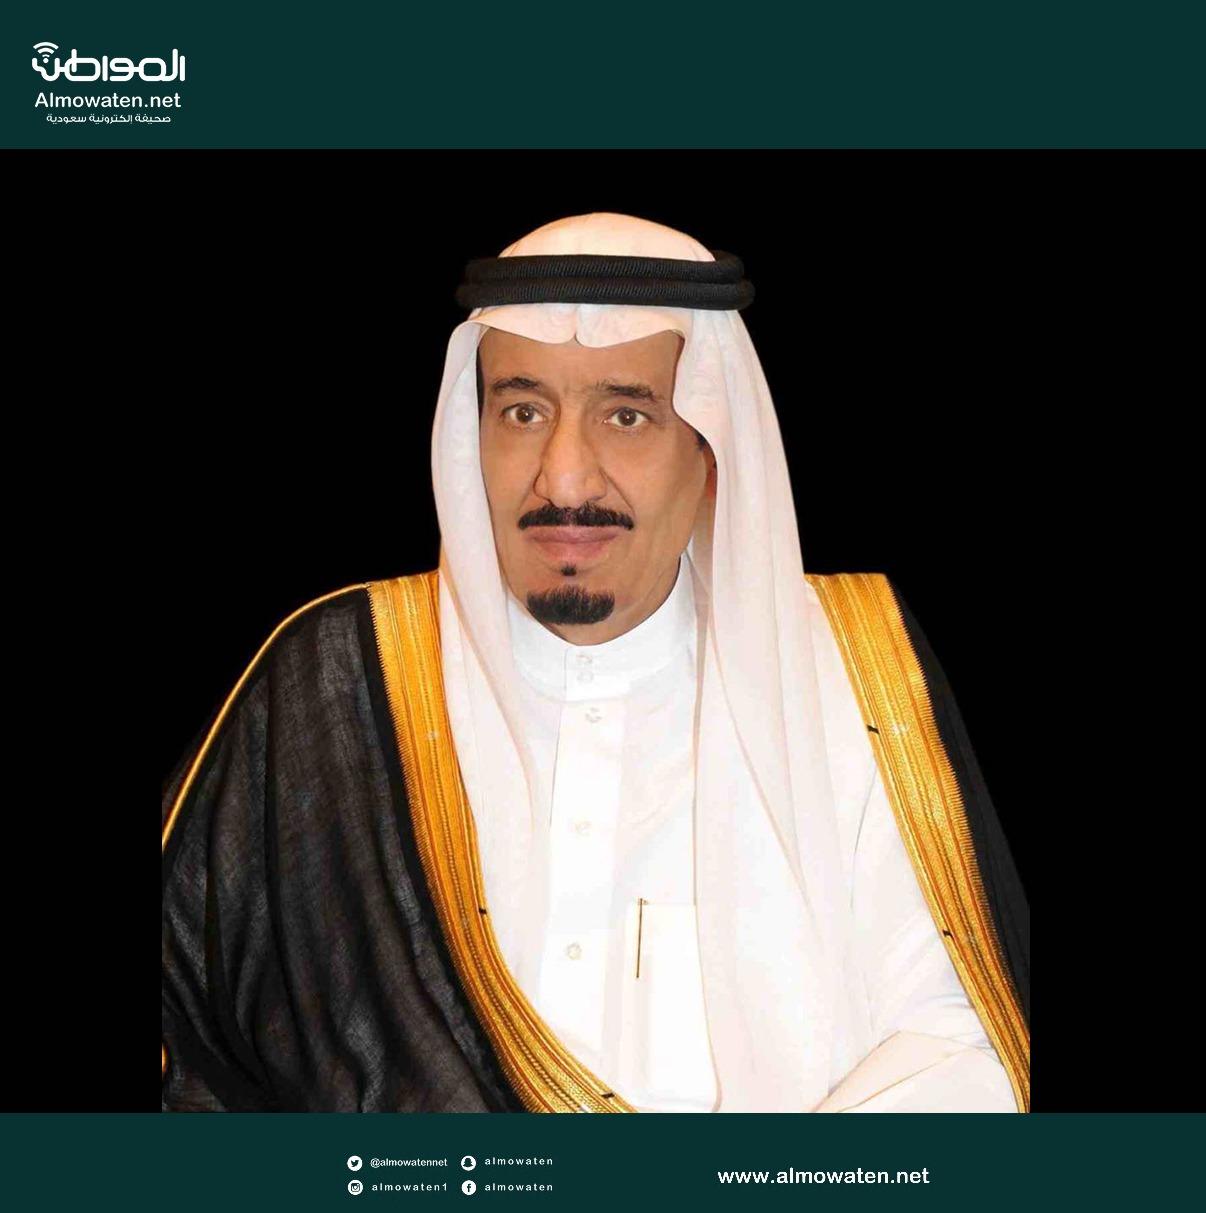 الملك يوجه بتشكيل لجنة وزارية يرأسها ولي العهد لإعادة هيكلة رئاسة الاستخبارات